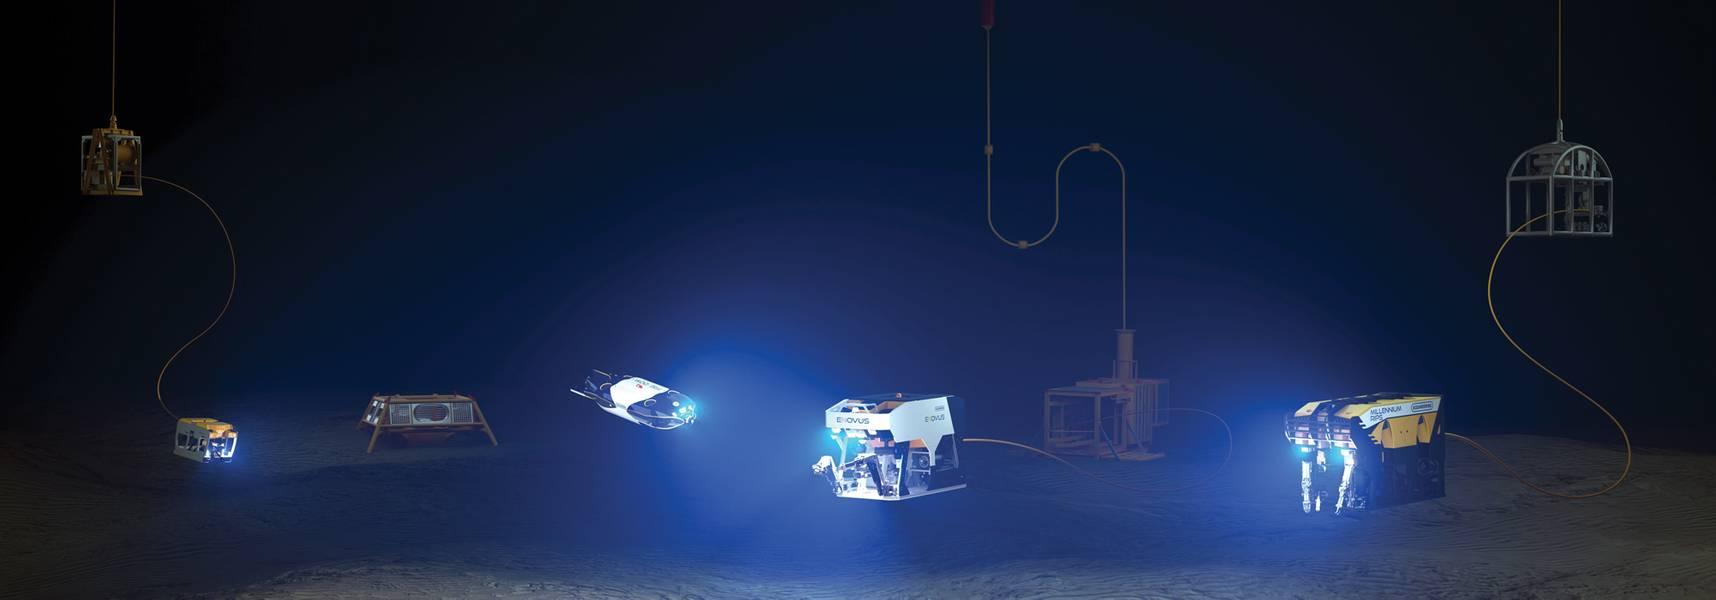 Das ROV-Angebot von Oceaneering mit Fahrzeugen der nächsten Generation, Freedom und E-ROV, ist enthalten. Mit freundlicher Genehmigung von Oceaneering International